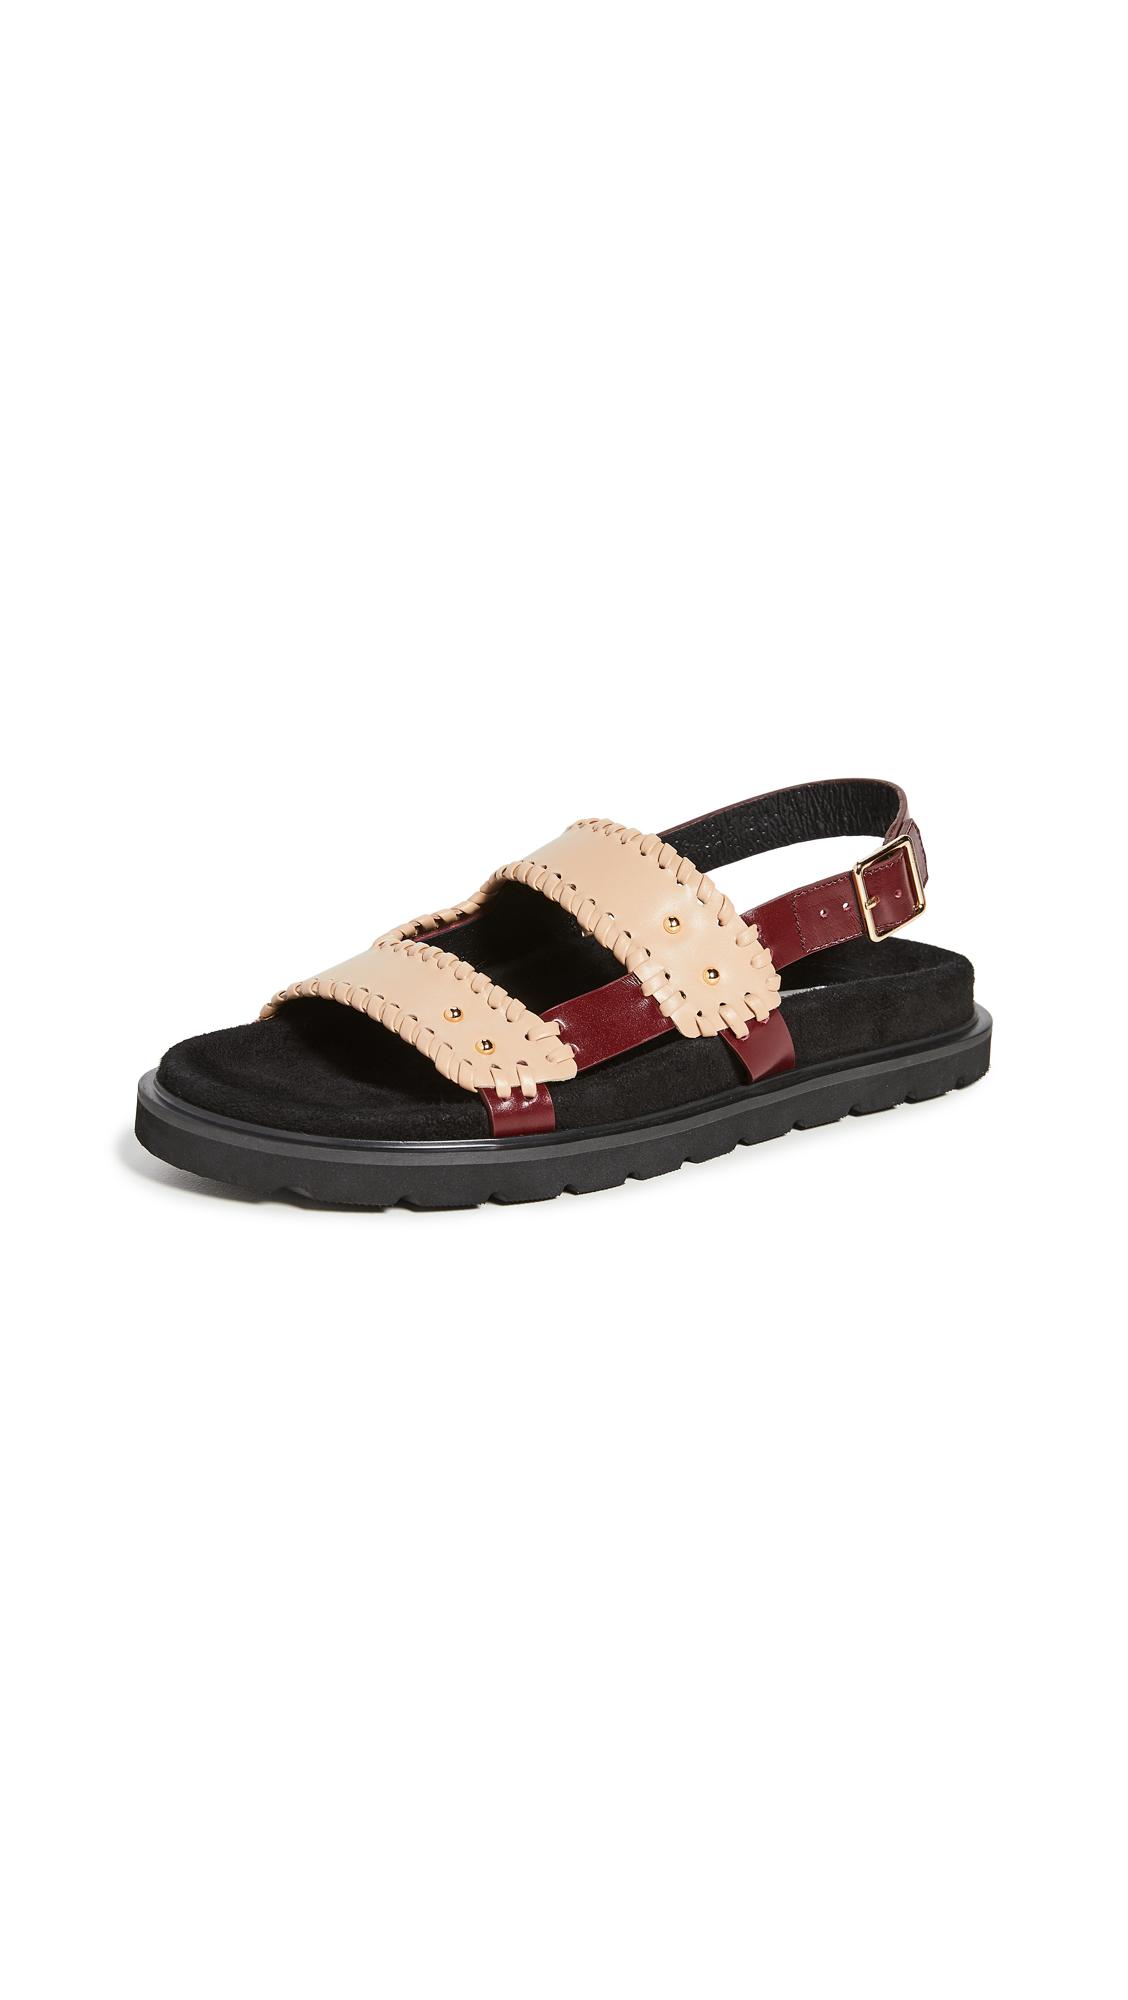 Buy Reike Nen Turnover Mold Sandals online, shop Reike Nen